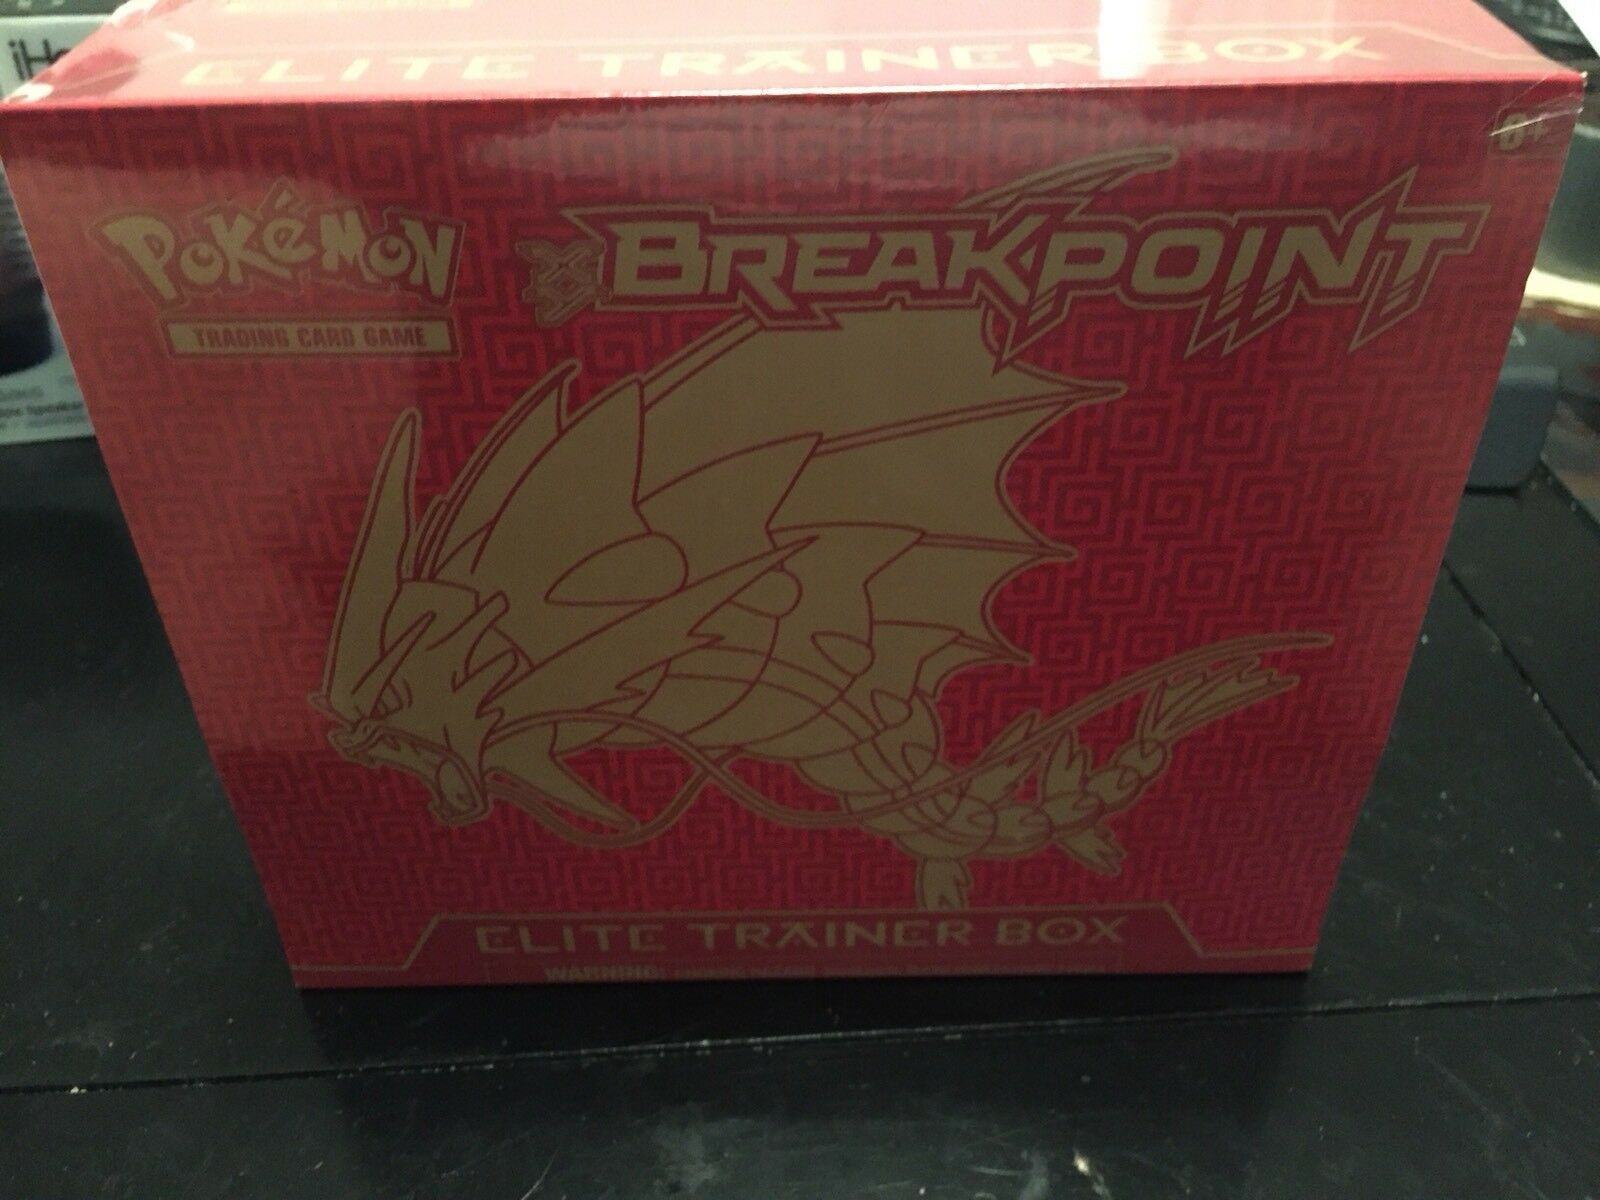 Neue pokémon tcg haltepunkt elite - trainer - box fabrik versiegelt (abgebrochen)